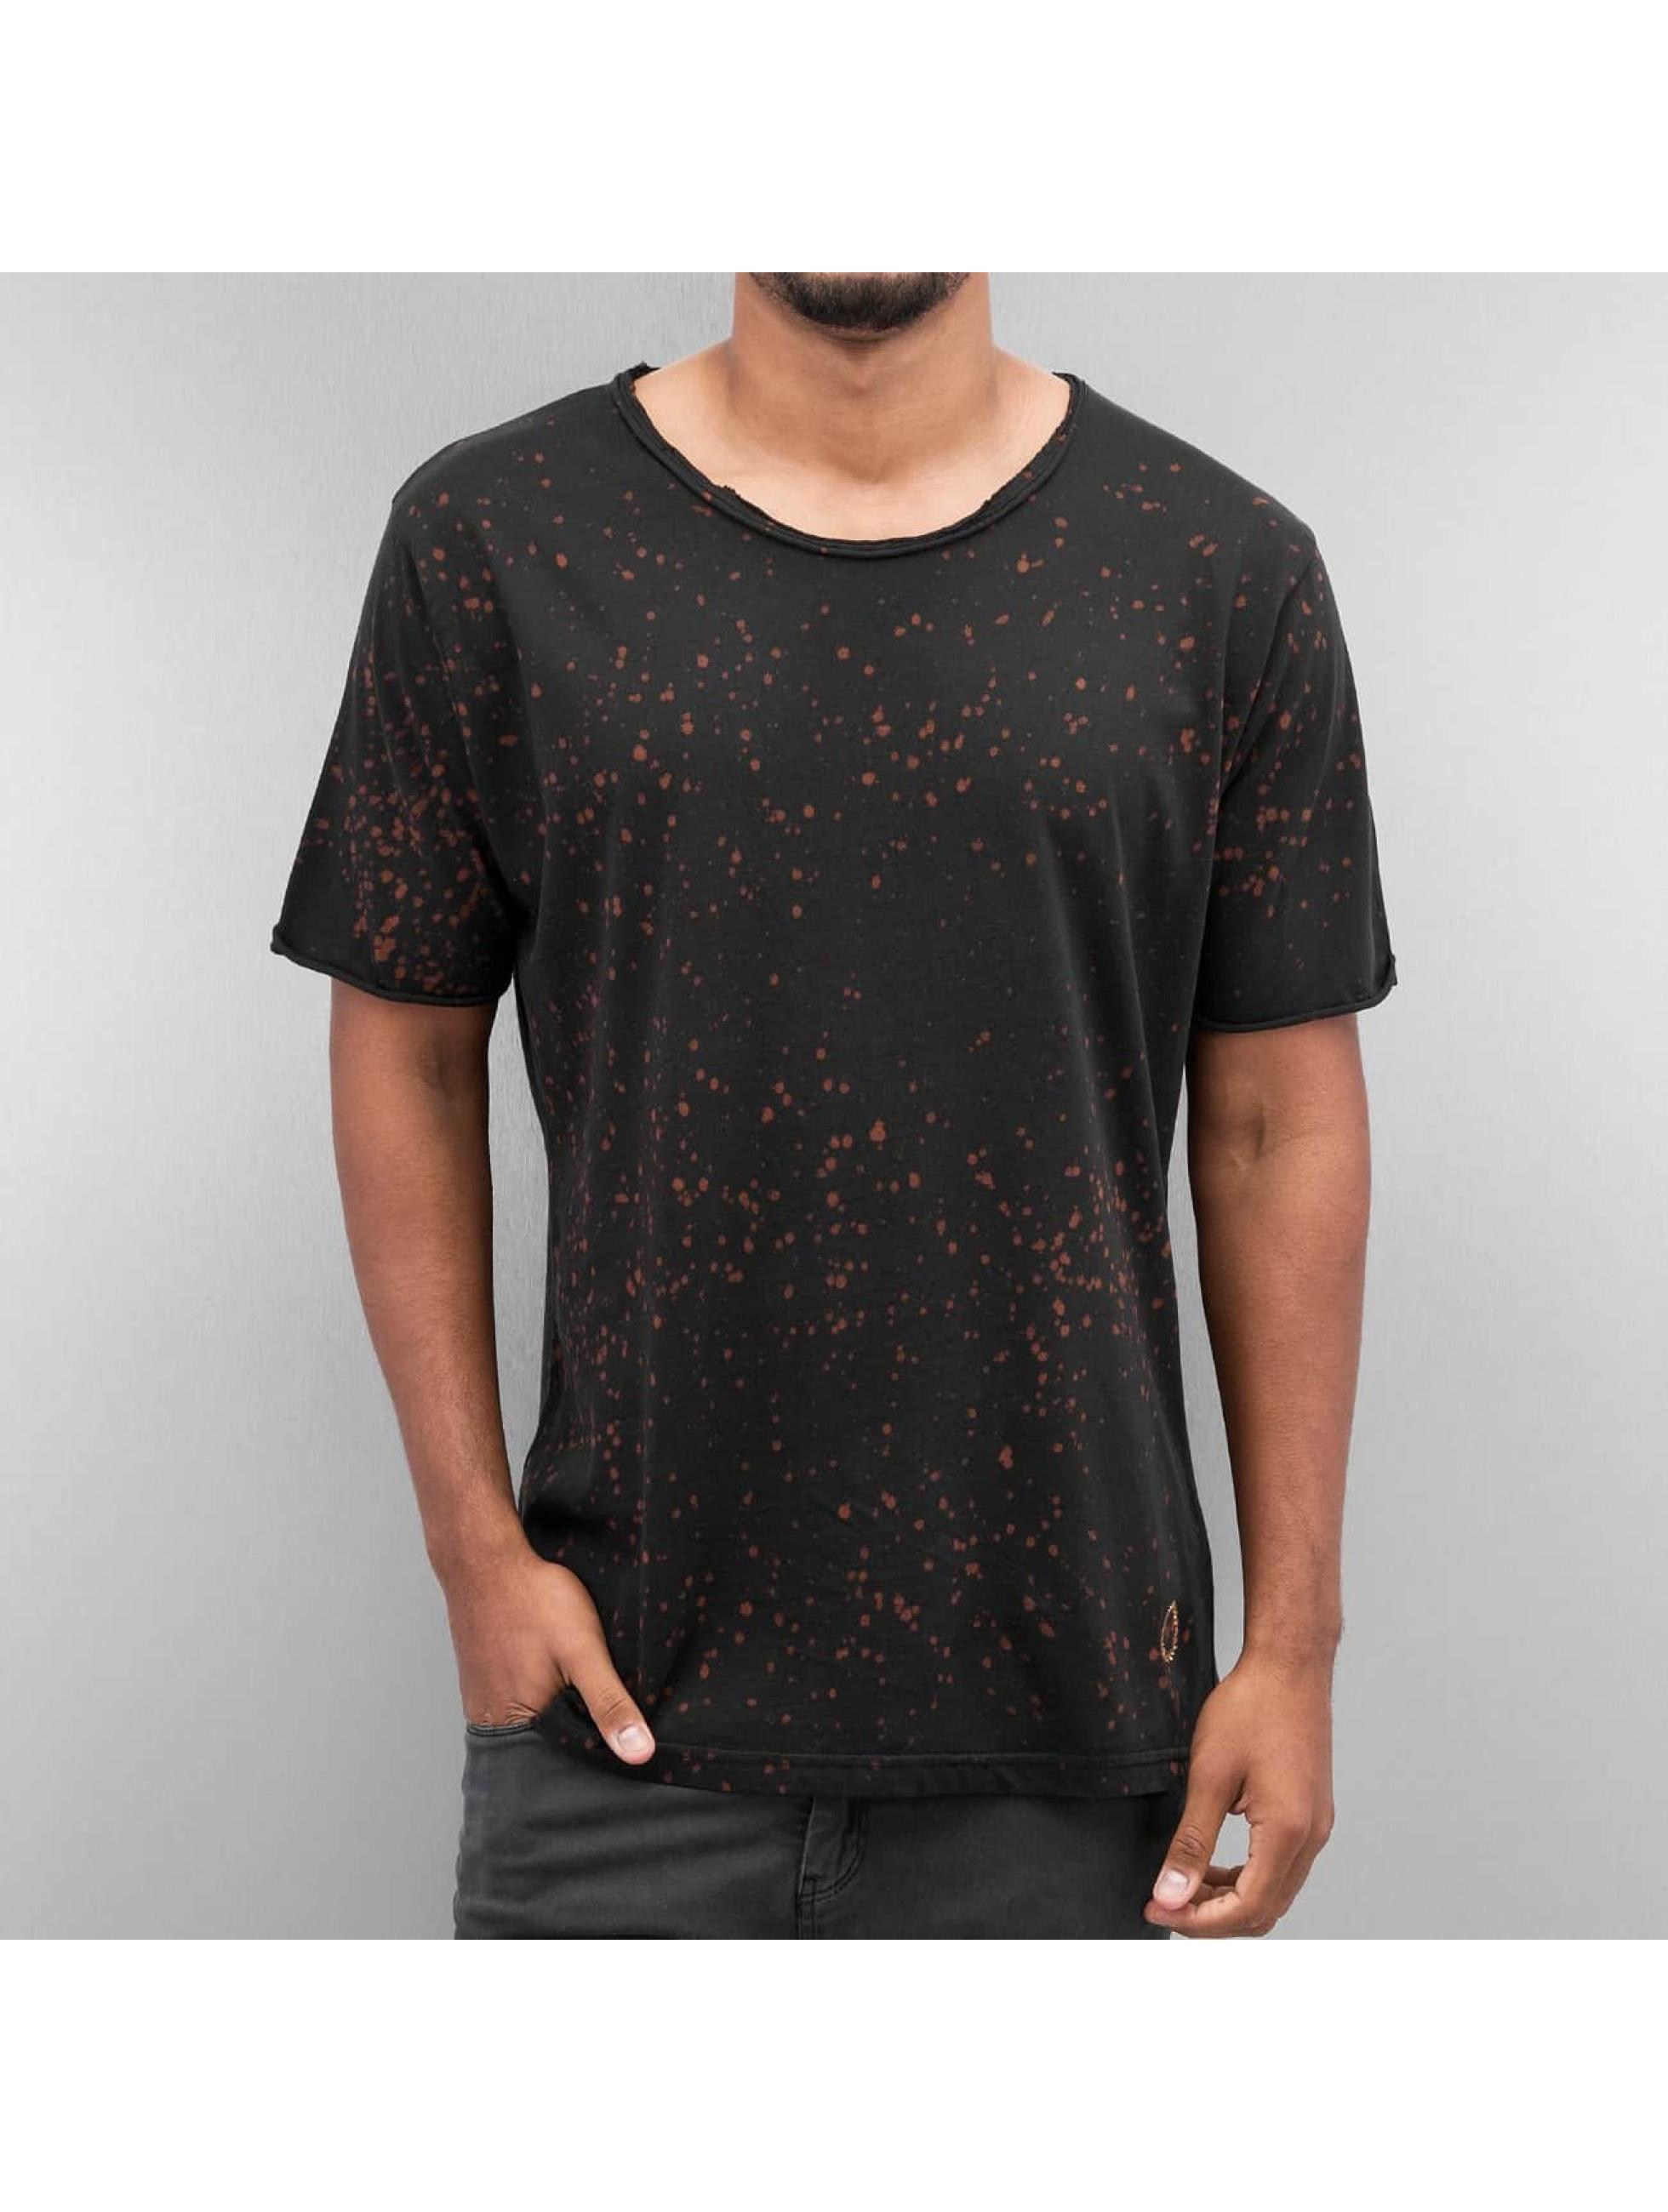 Yezz T-Shirt Dots noir